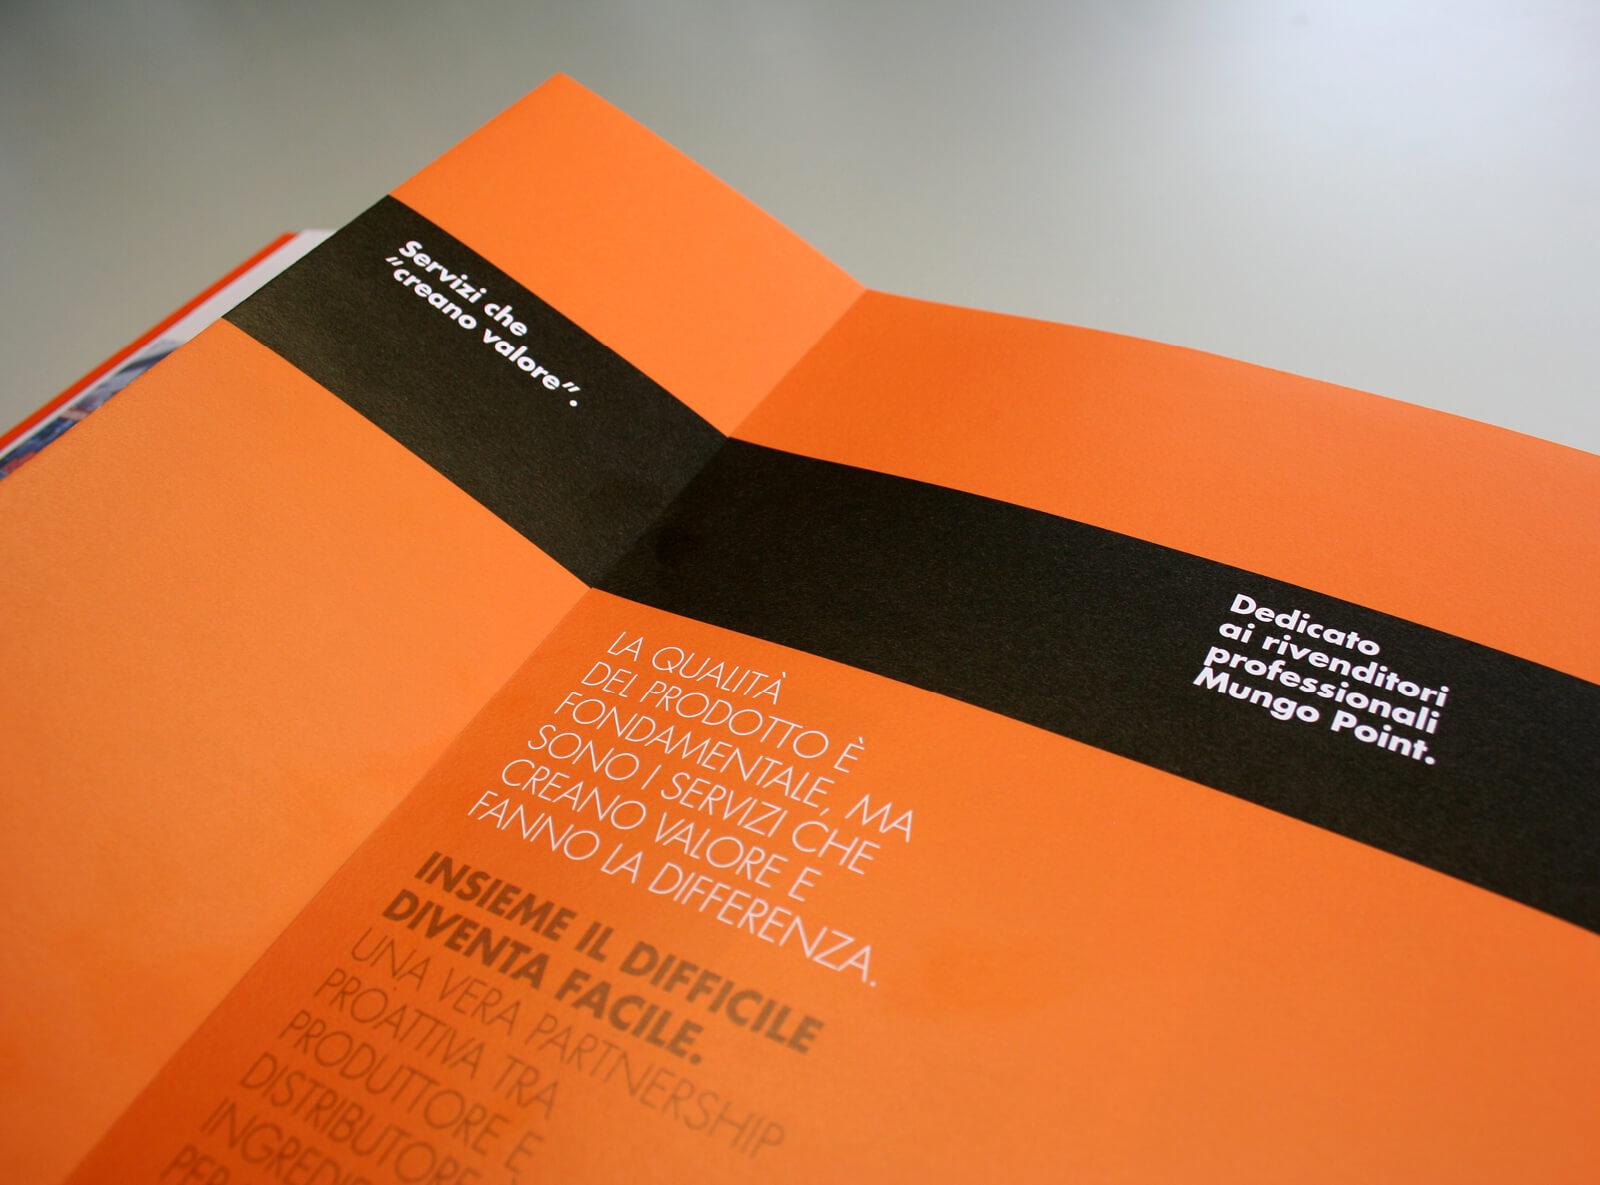 dettaglio pagine interne brochure aziendale mungo italia, progetto agenzia di comunicazione diadestudio arco trento